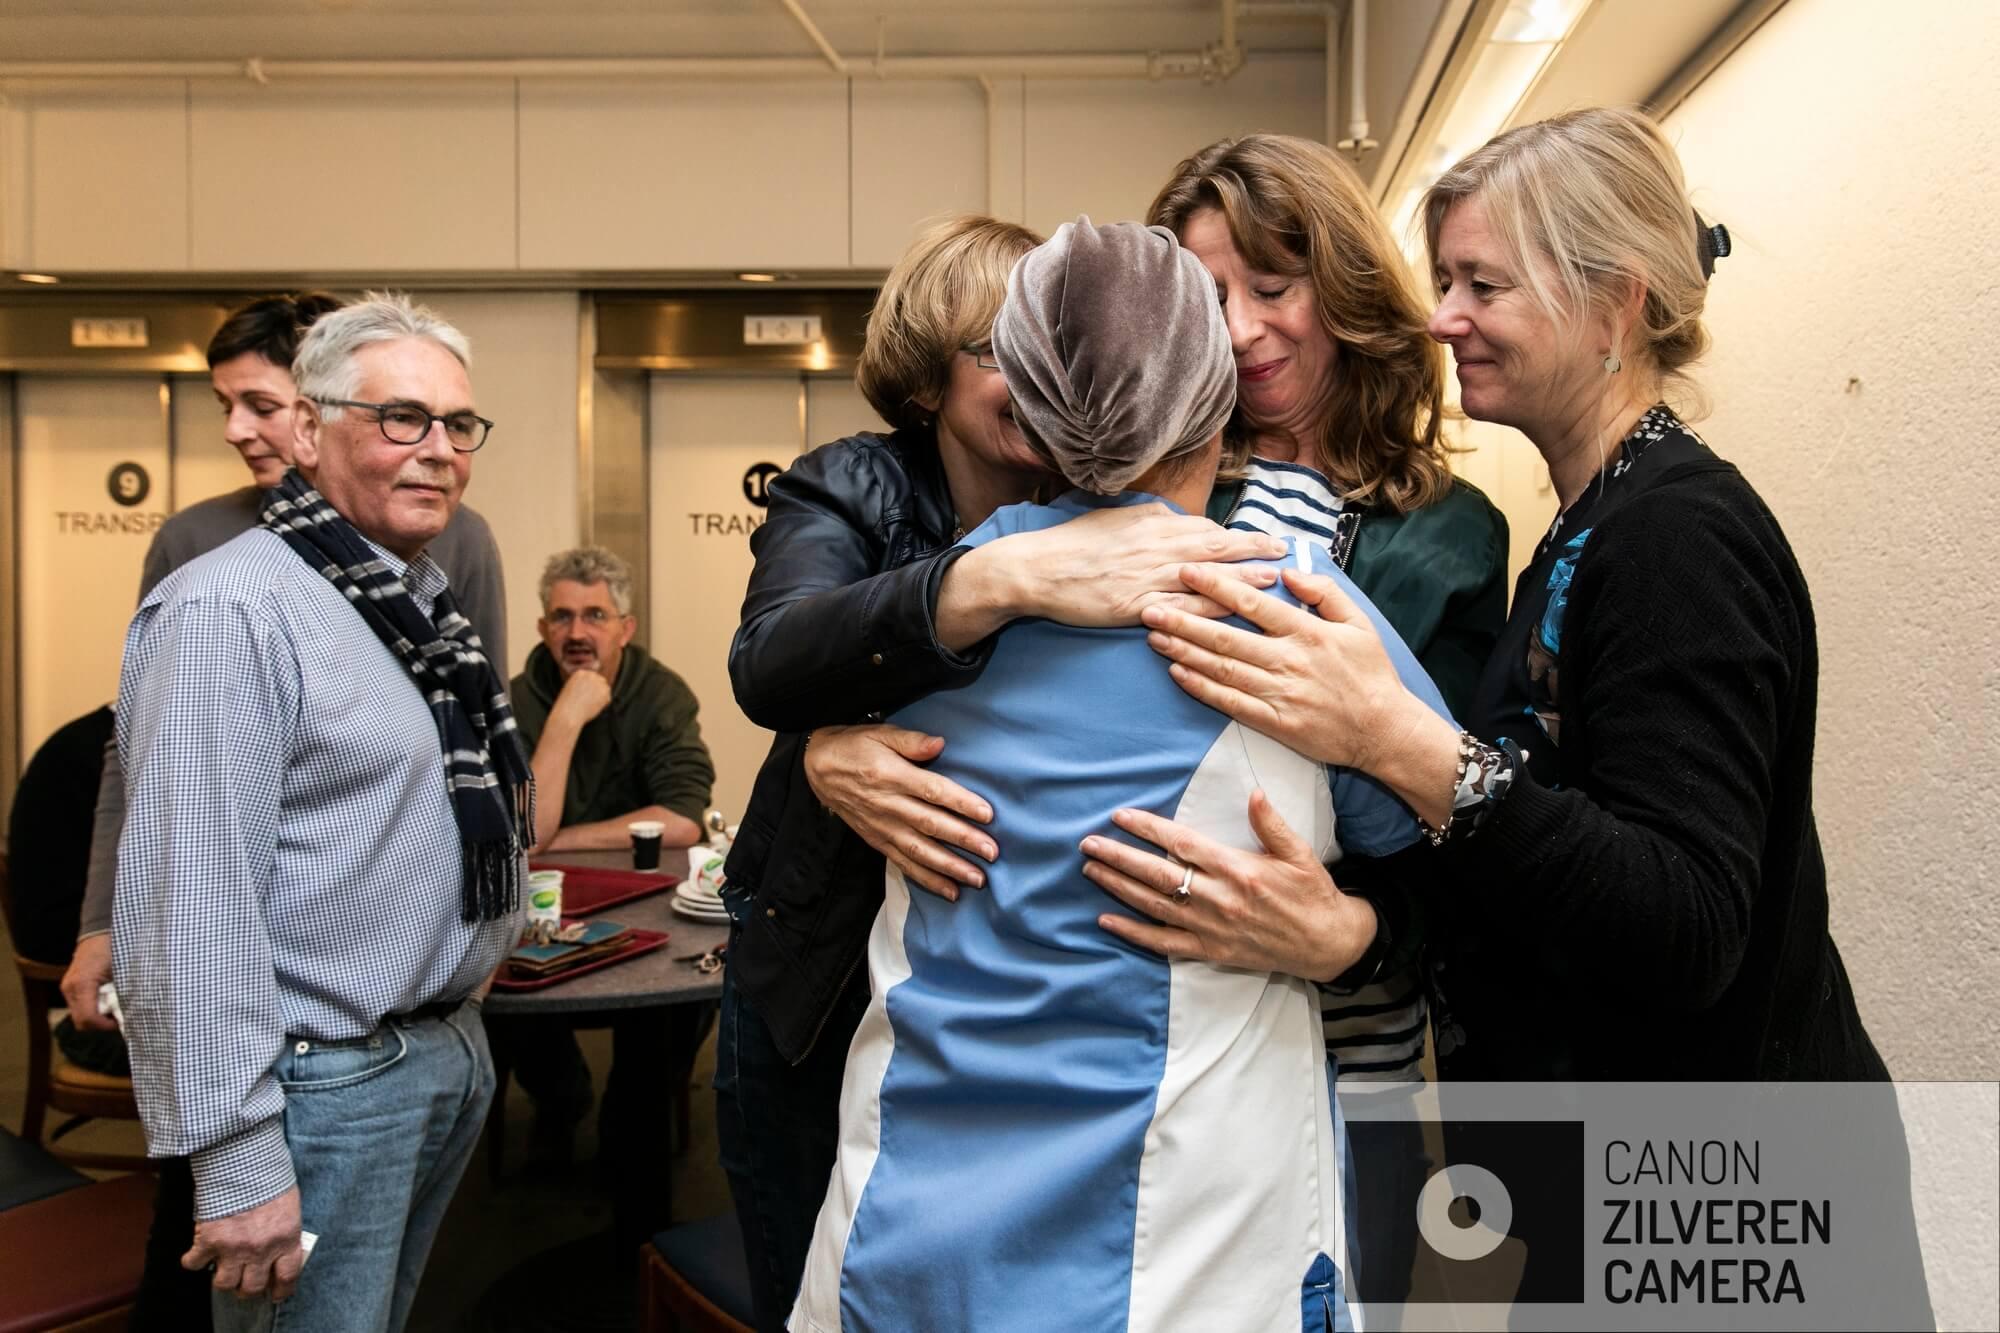 Amsterdam, 7 december 2018 - MC SLOTERVAART. Voor een grote groep medewerkers van het Slotervaartziekenhuis is dit de allerlaatste werkdag, ook voor medewerkers van de koffieshop. Aicha (met mutsje) neemt met pijn in haar hart afscheid van collega's van de OR. Foto Dingena Mol